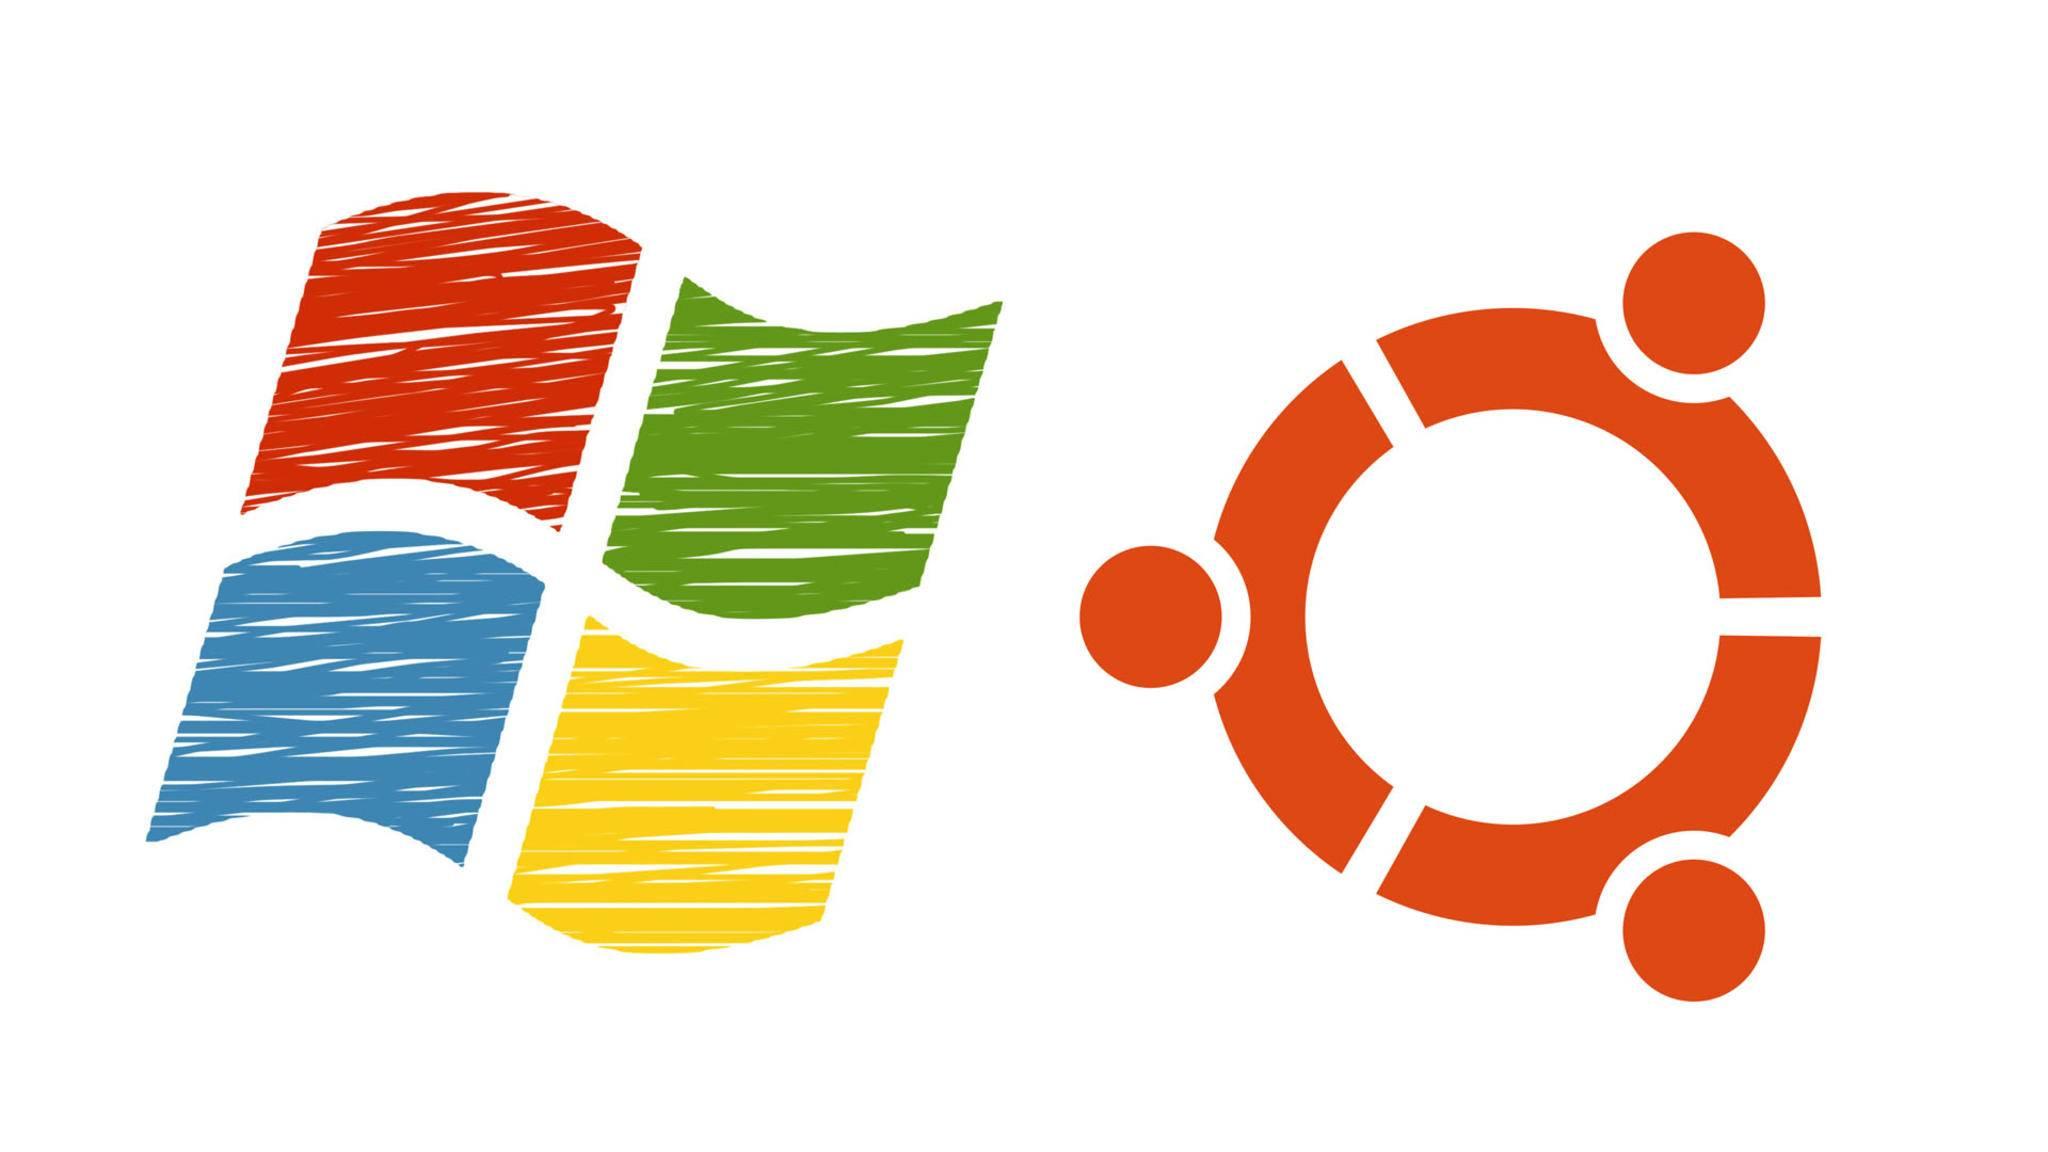 Wir haben uns Windows 10 und Ubuntu im Vergleich angesehen.